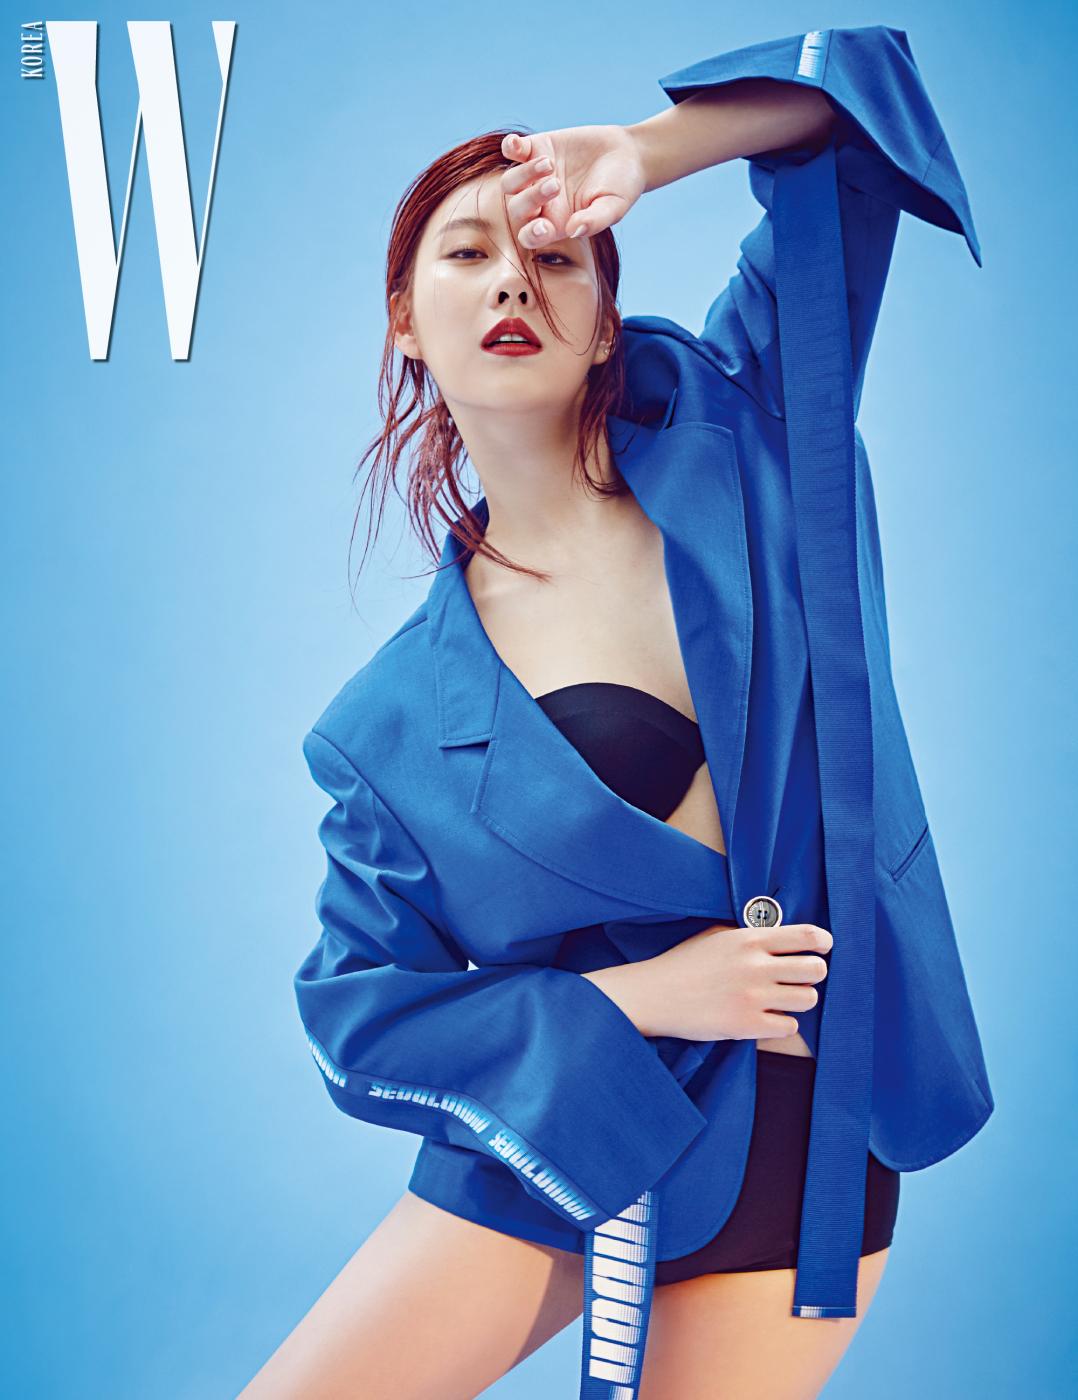 파란색 재킷은 디-앤티도트 제품, 검정 브라톱과 브리프는 본인 소장품.